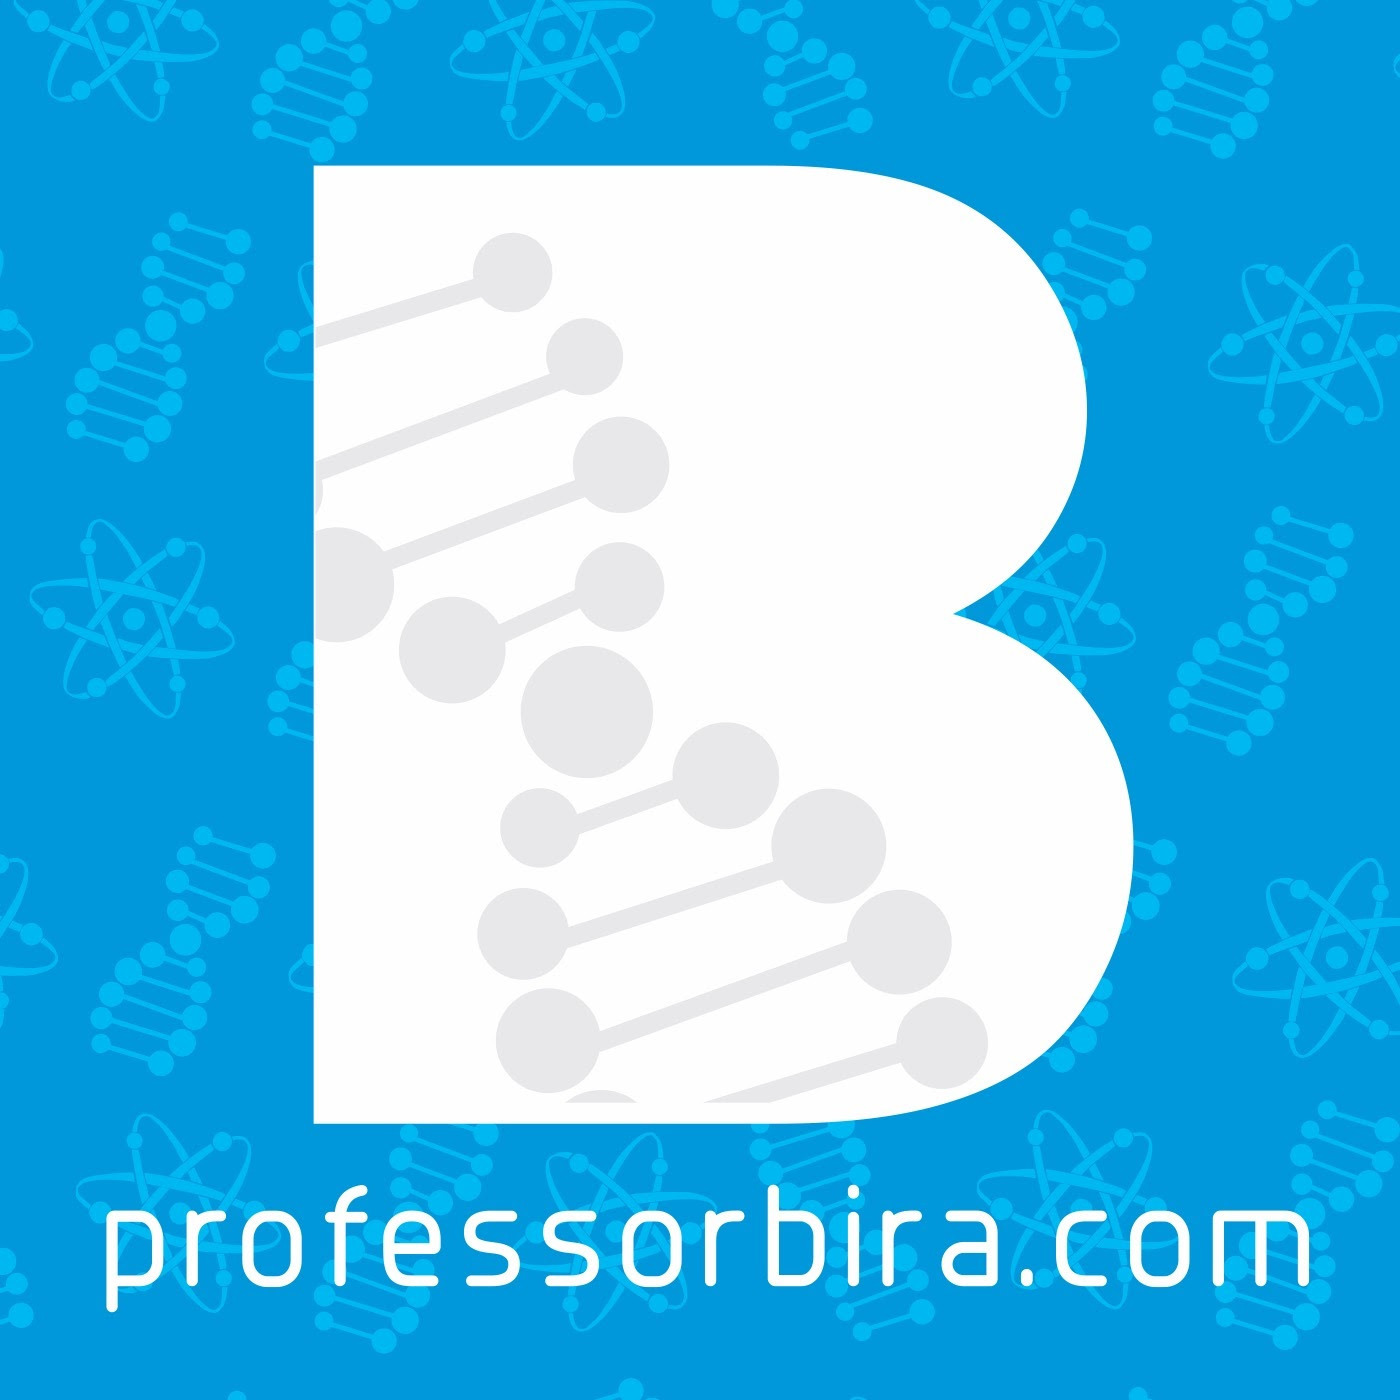 professorbira.com